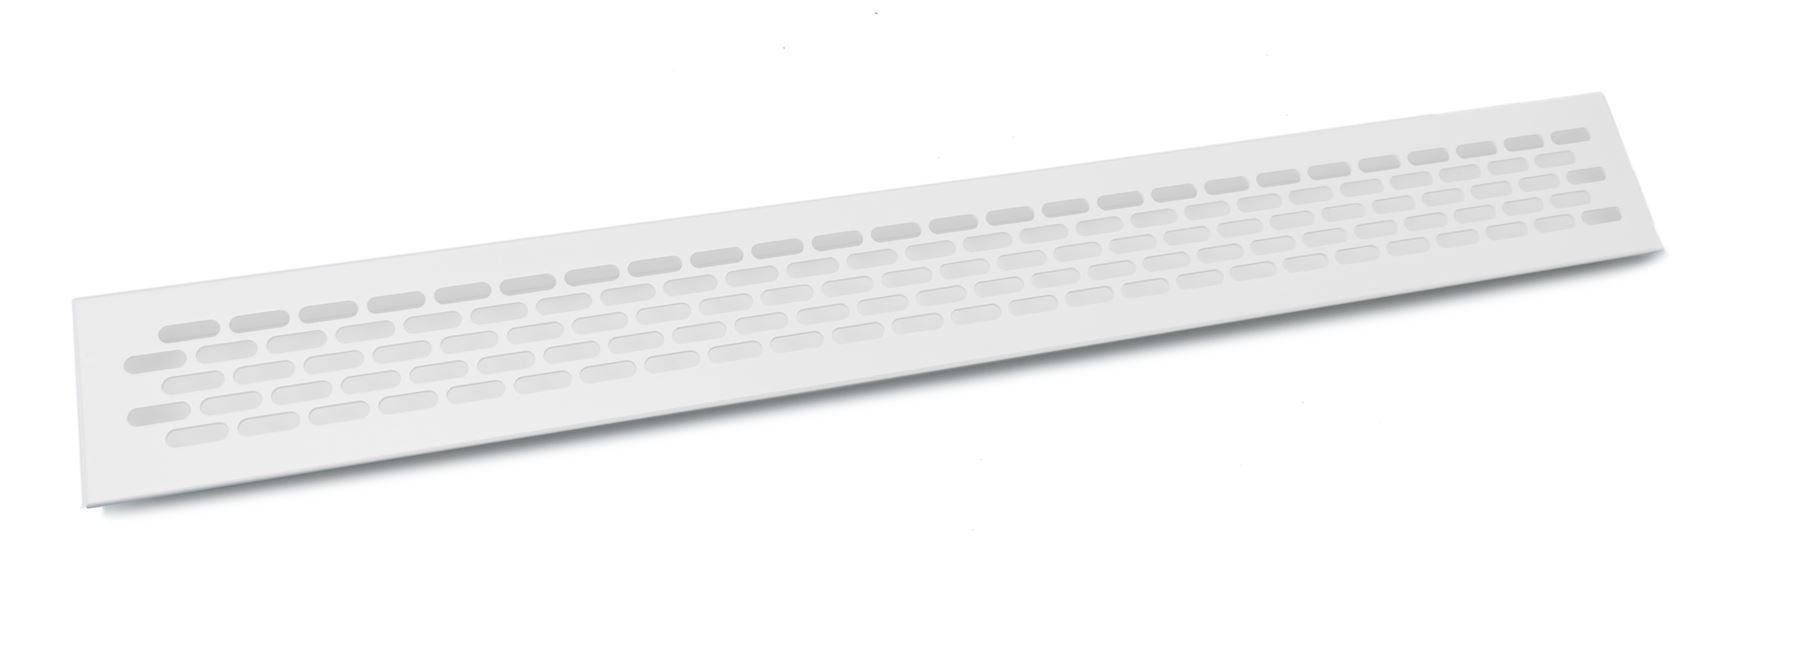 chrome bross blanc plinthe cuisine grille ventilation plan de travail chaleur ebay. Black Bedroom Furniture Sets. Home Design Ideas